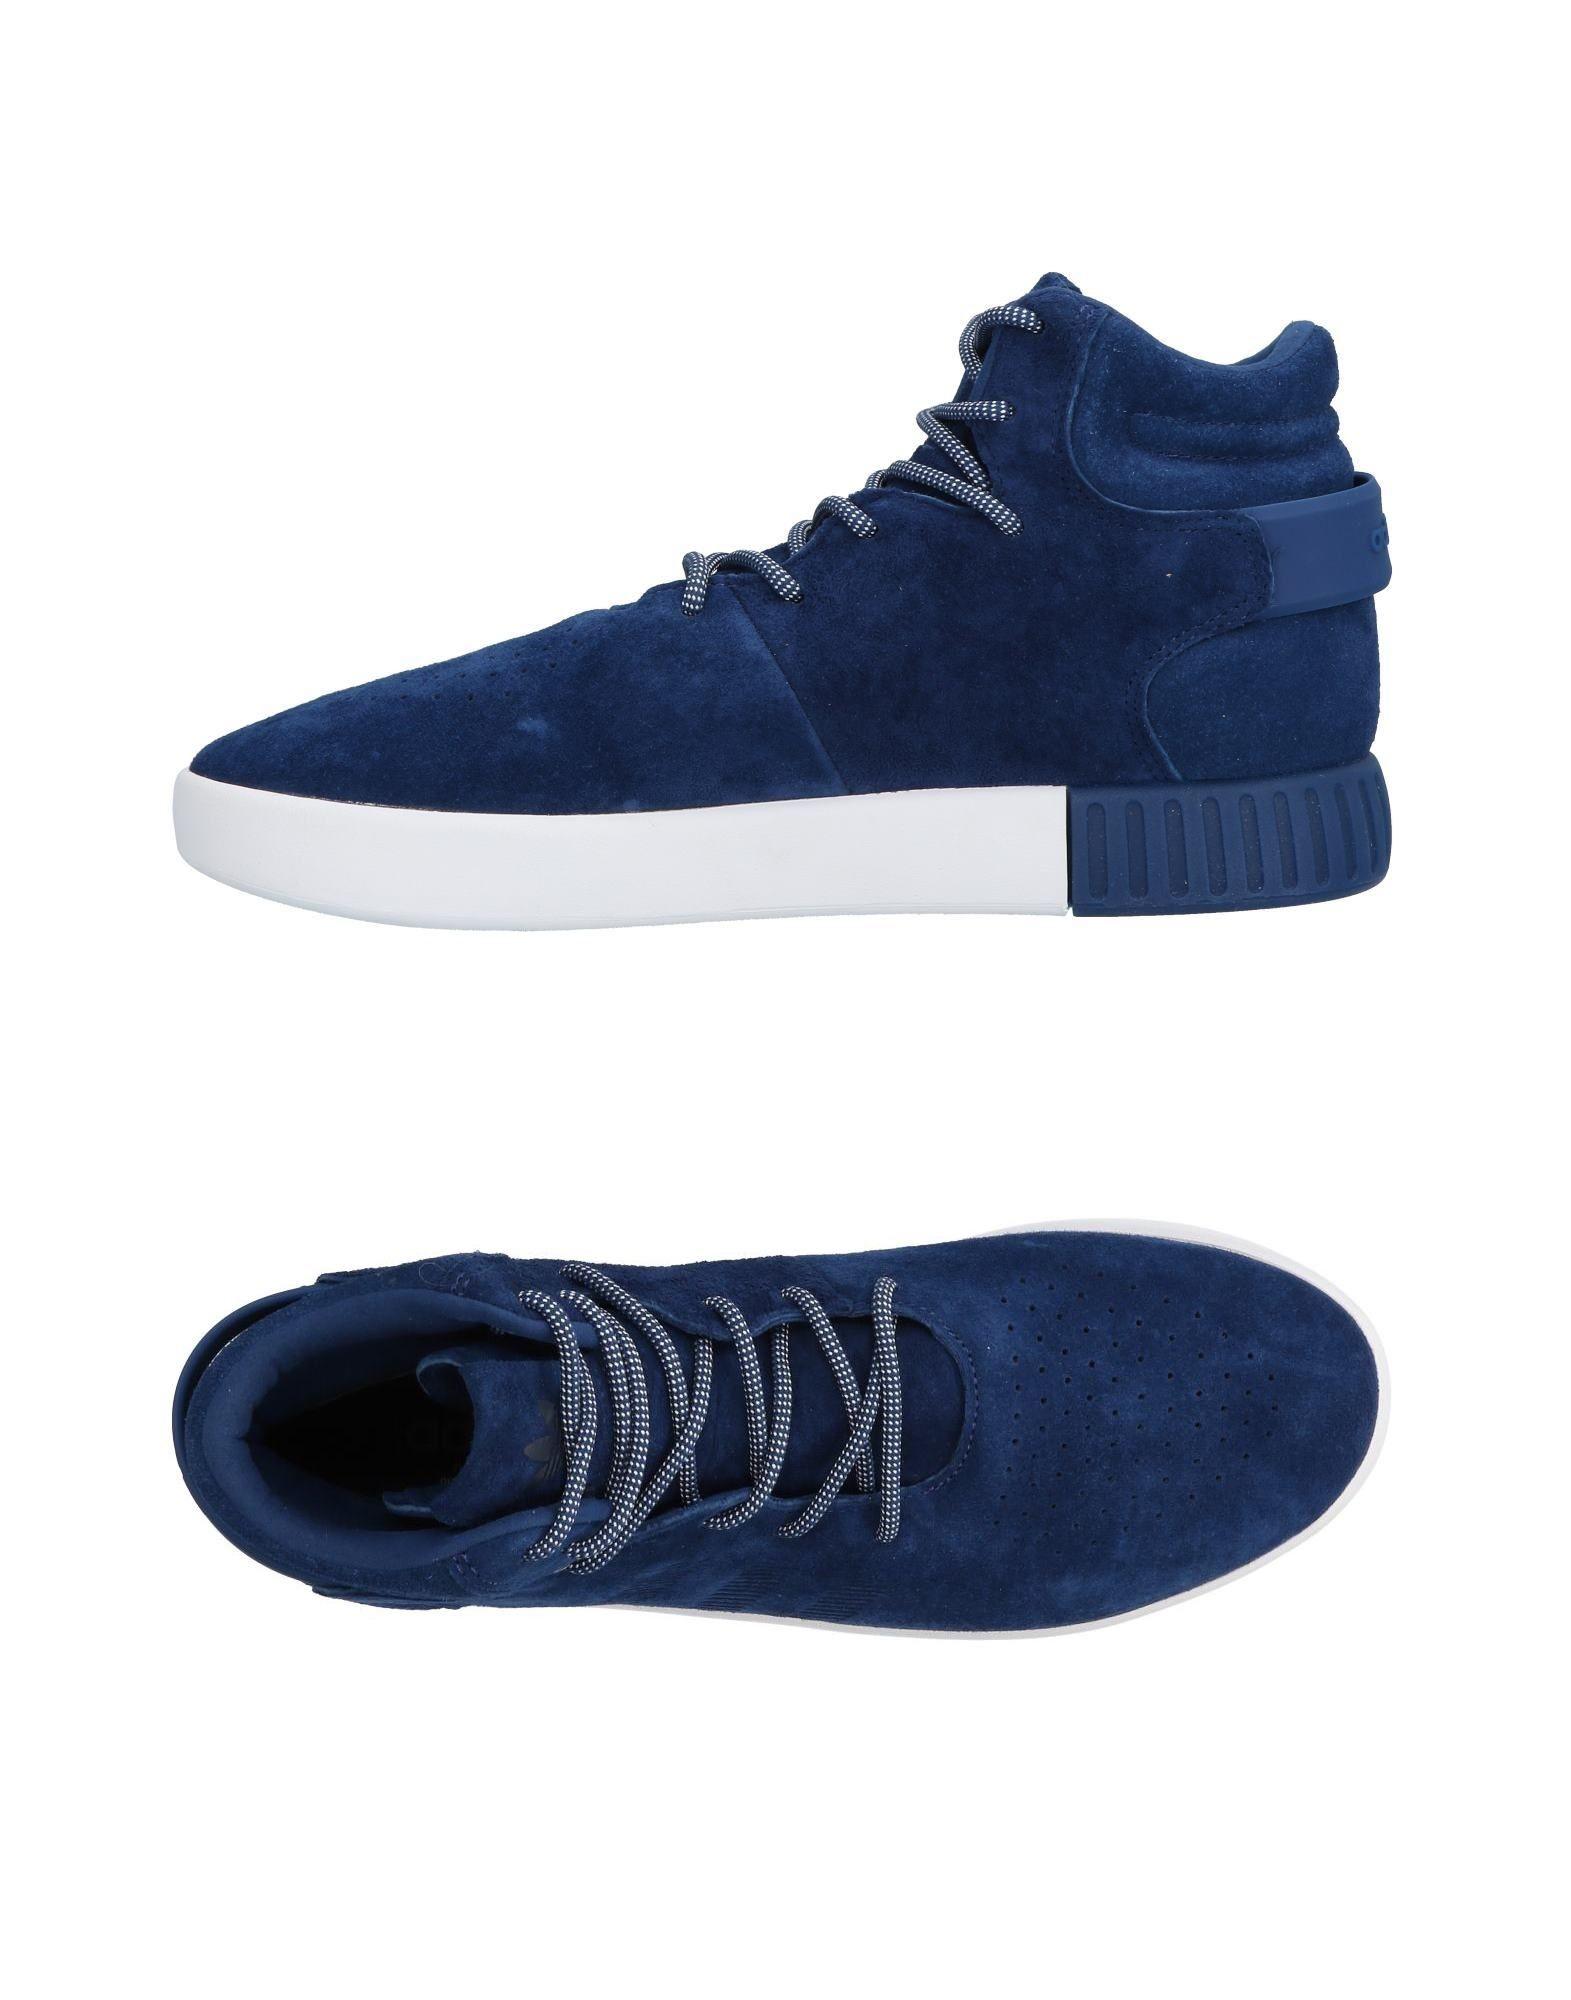 Rabatt echte Schuhe Adidas Originals Sneakers Herren  11483019UU